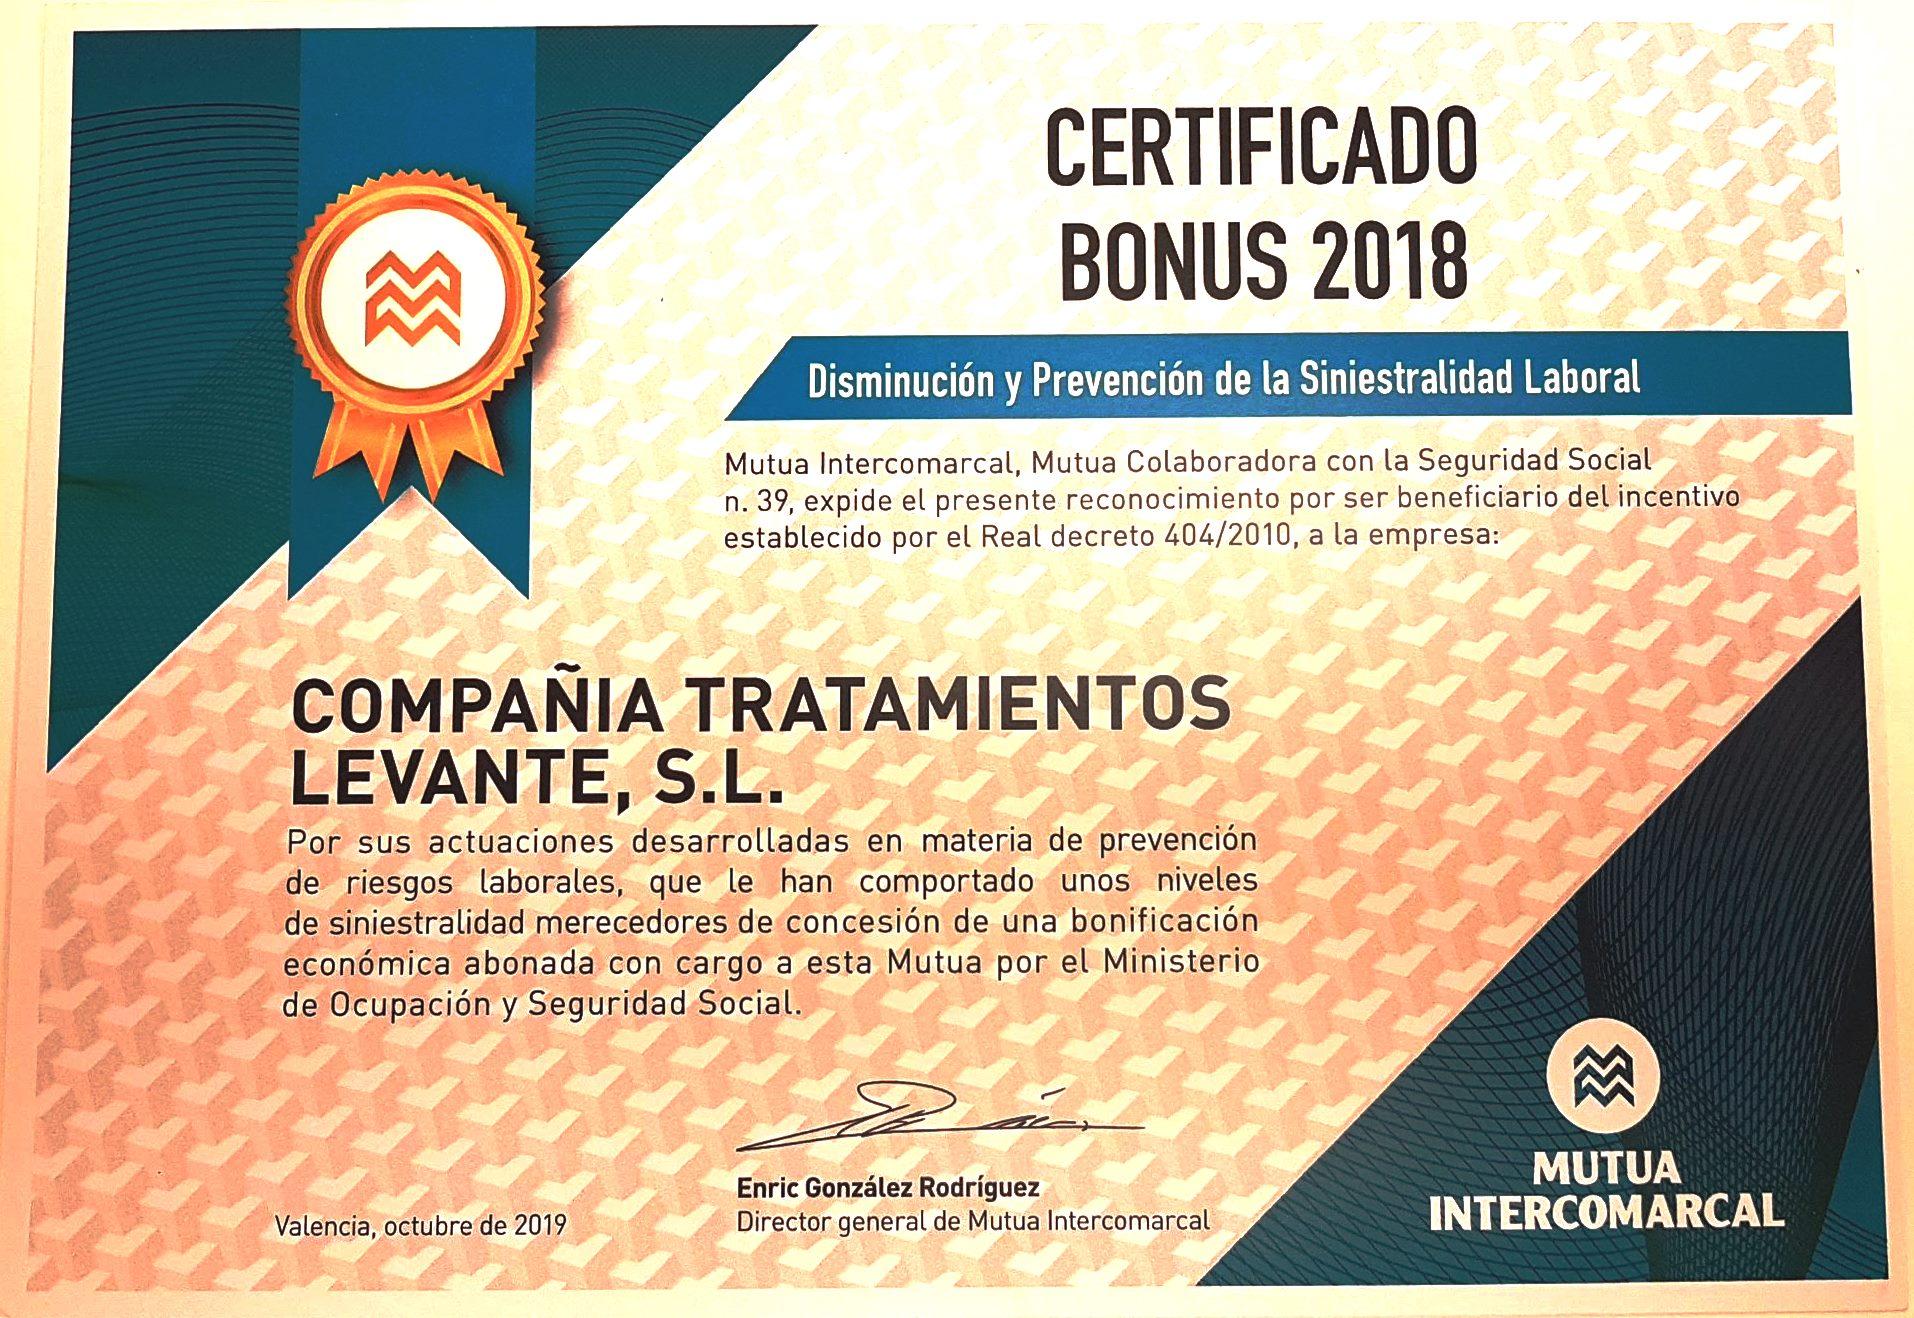 CTL ha obtenido hoy el Certificado Bonus 2018 de Mutua Intercomarcal como recomocimiento a la disminución y prevención de la siniestralidad laboral. En la fotografía PILAR RAMOS SERNA, Jose Perez, Delegado Territorial de Mutua Intercomarcal y Pep Garcia Moreno